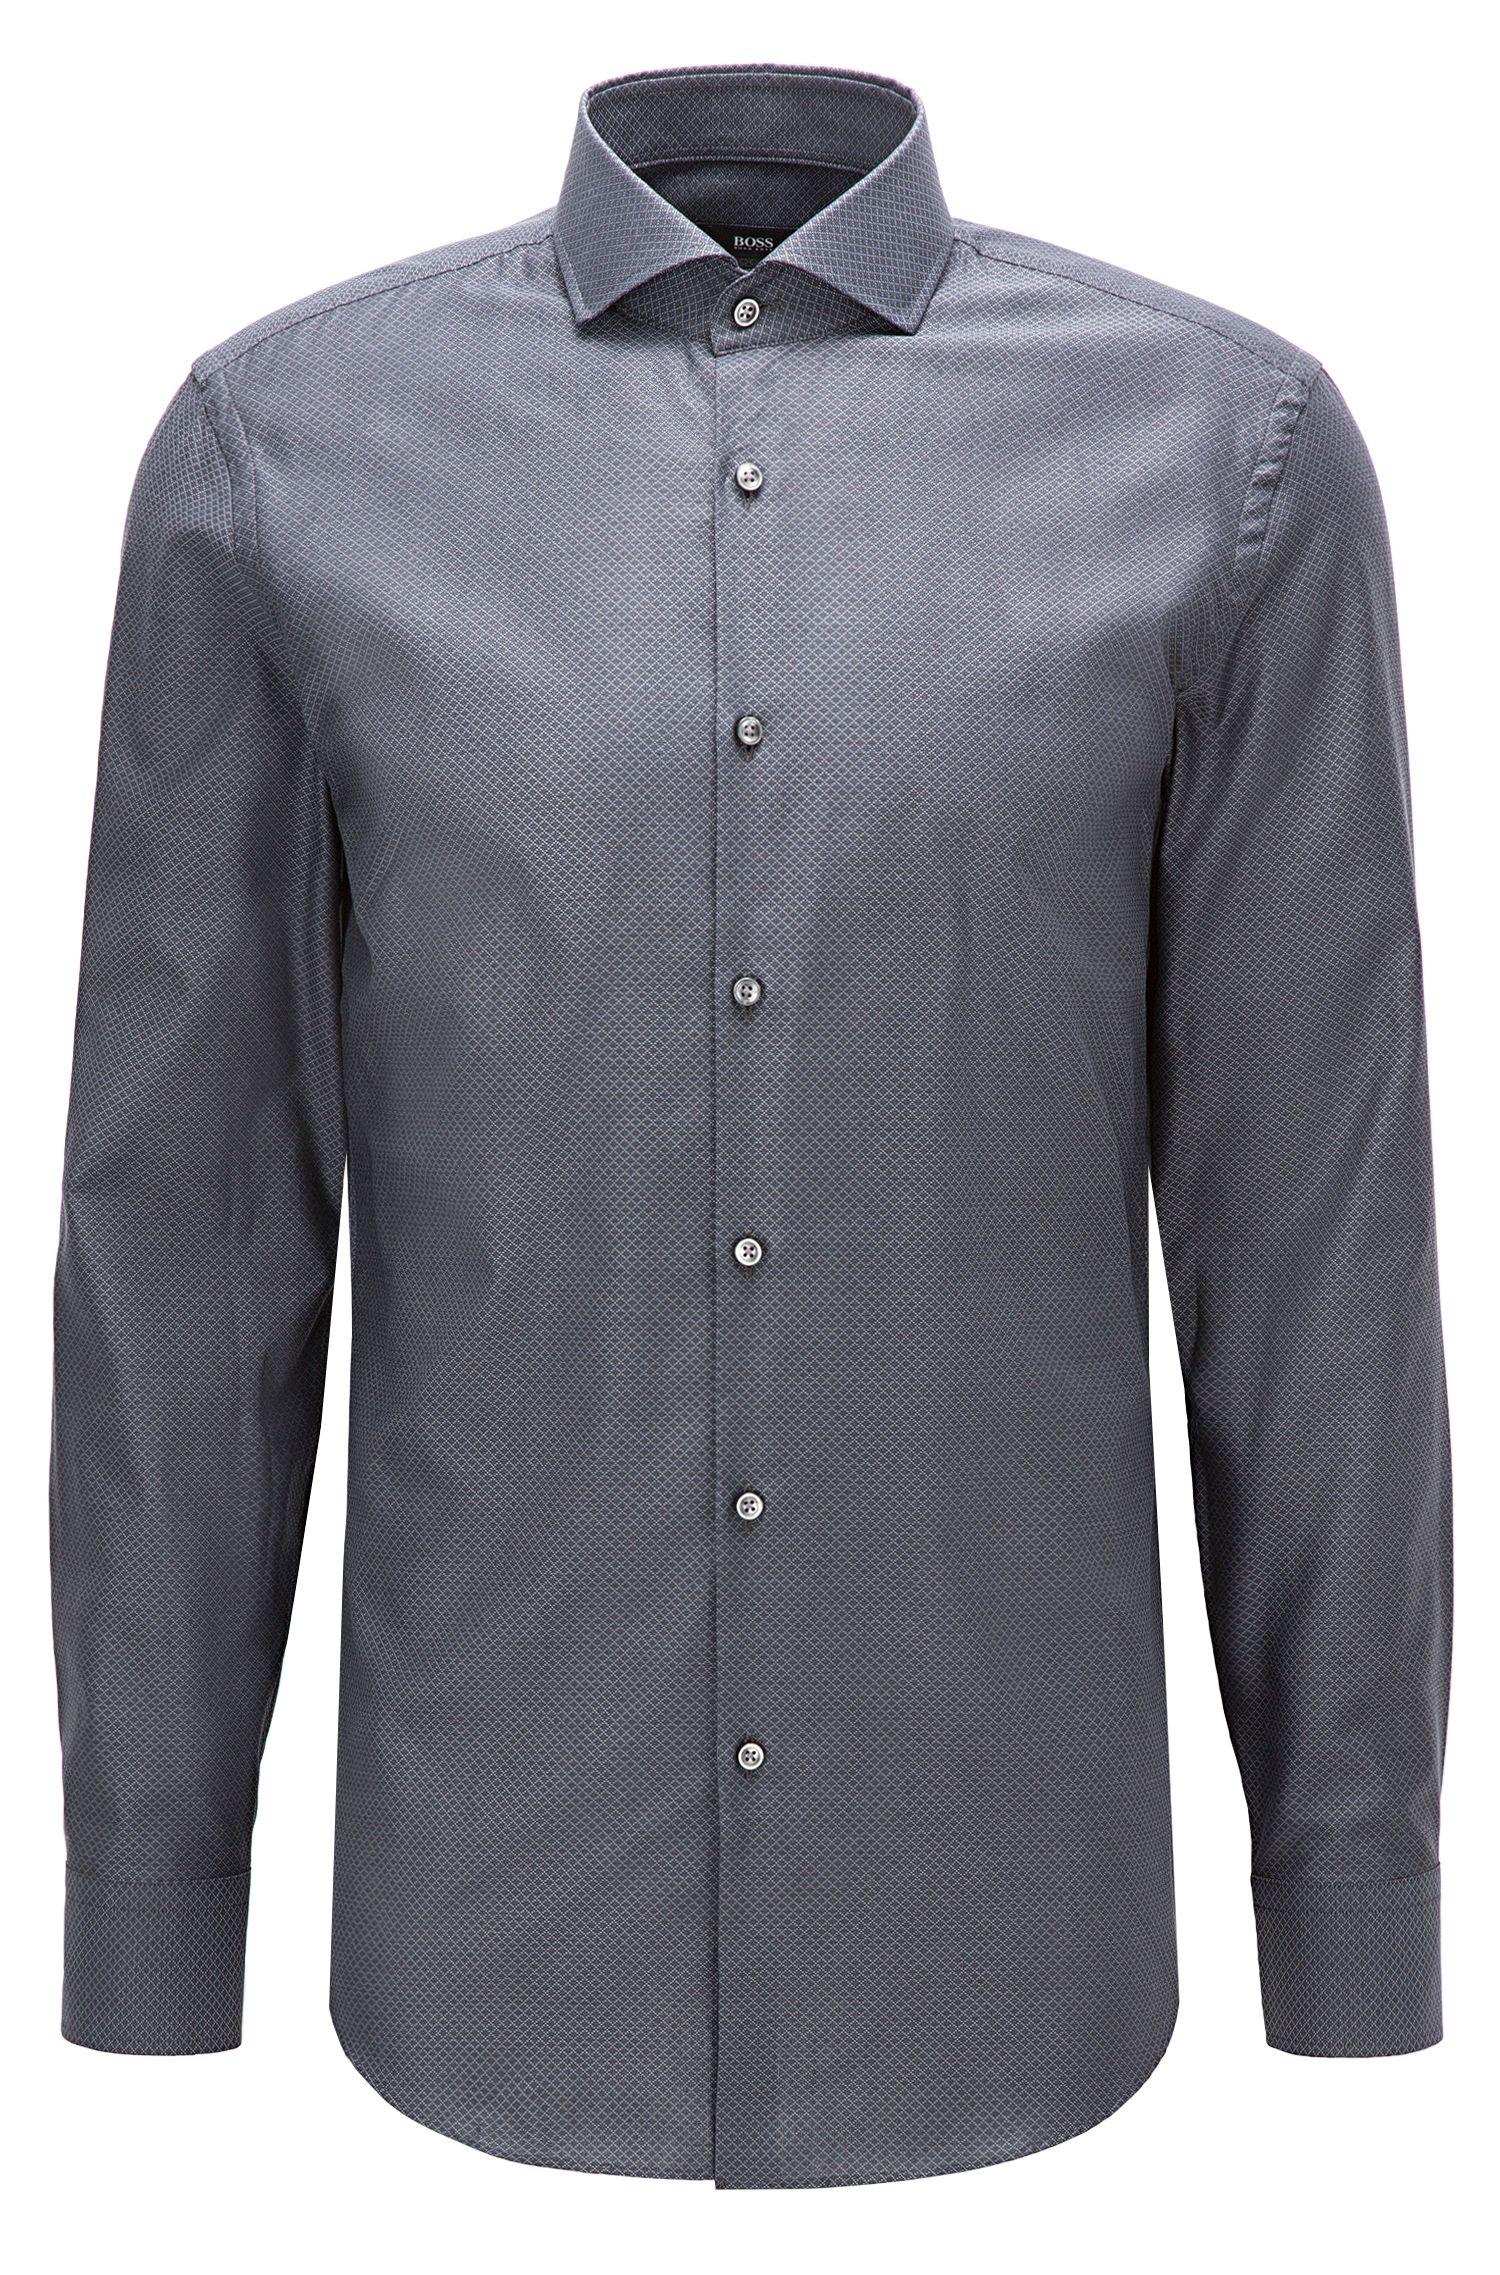 Camicia slim fit in cotone lavorato bicolore